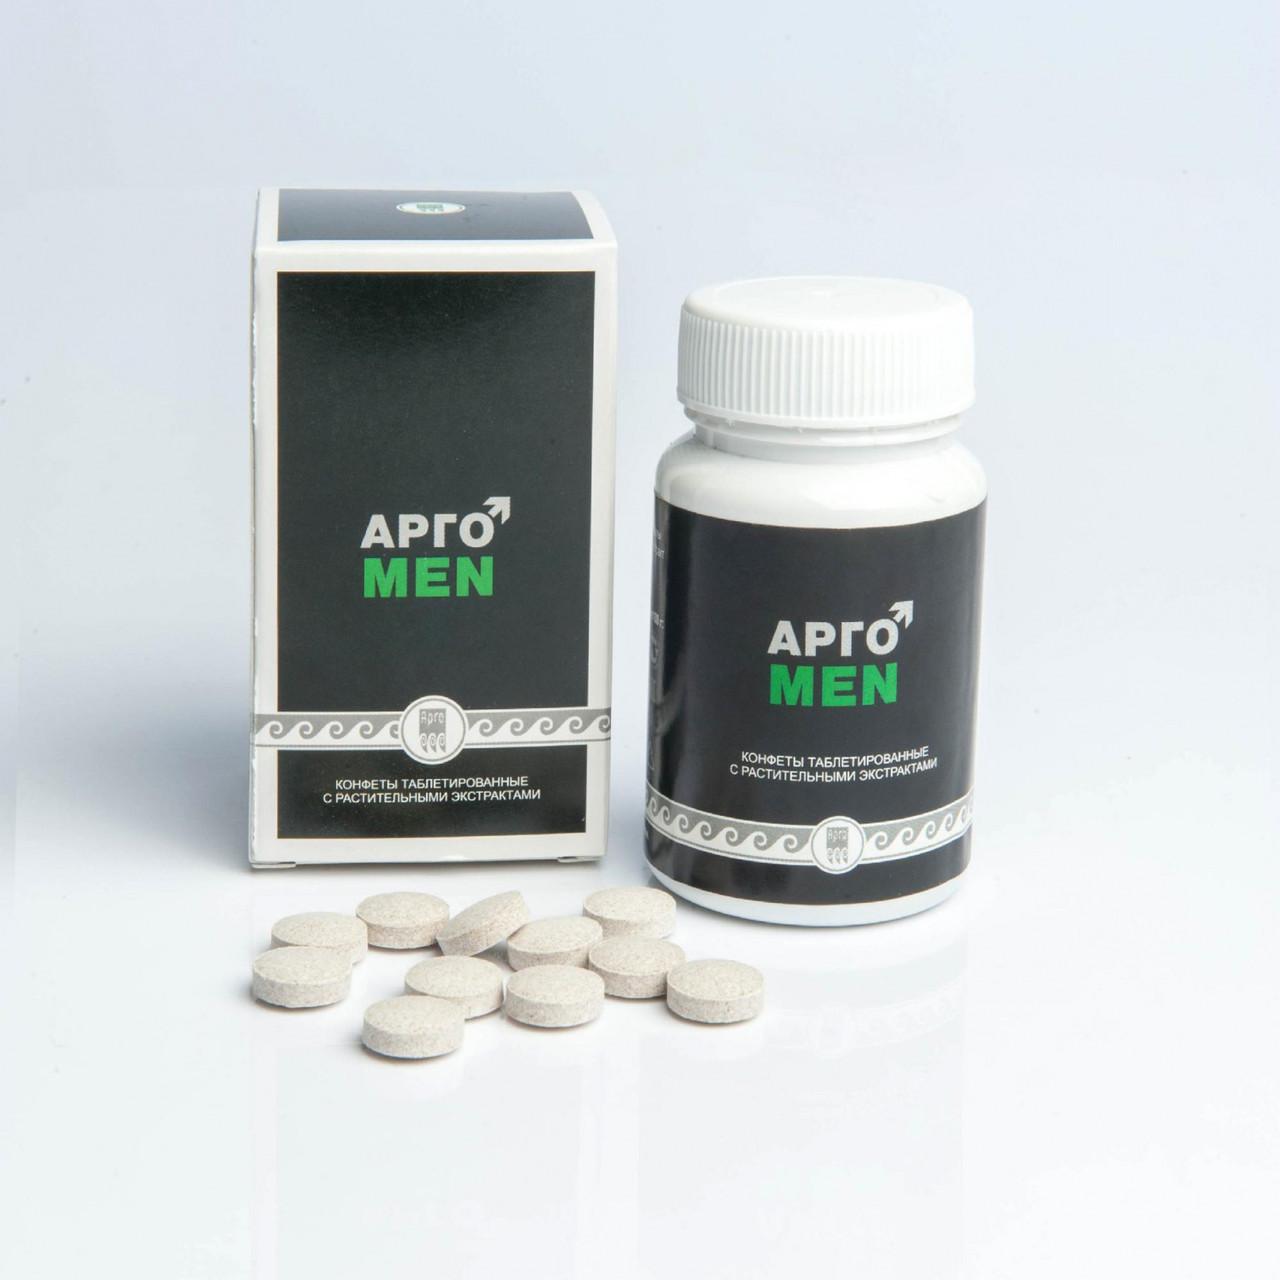 Аргомен для мужчин (простатит, аденома, потенция, либидо, уретрит, цистит, пиелонефрит, бесплодие)